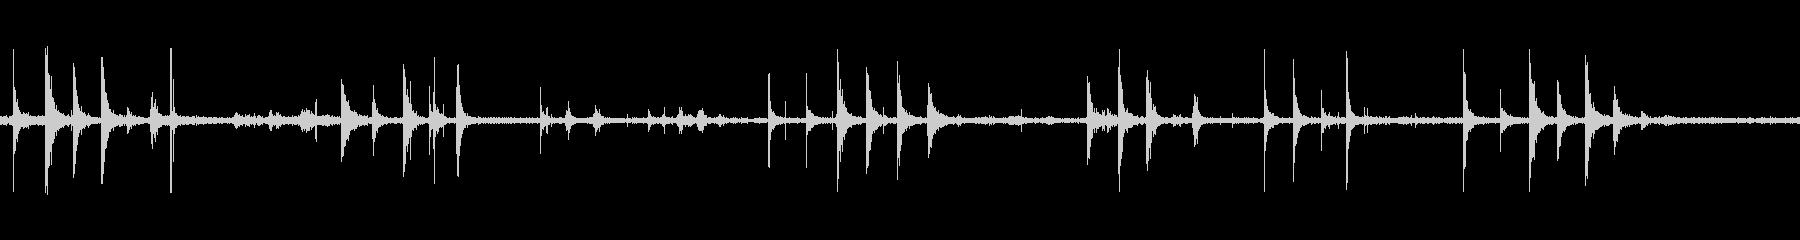 足音ハードシューズ金属ホロの未再生の波形